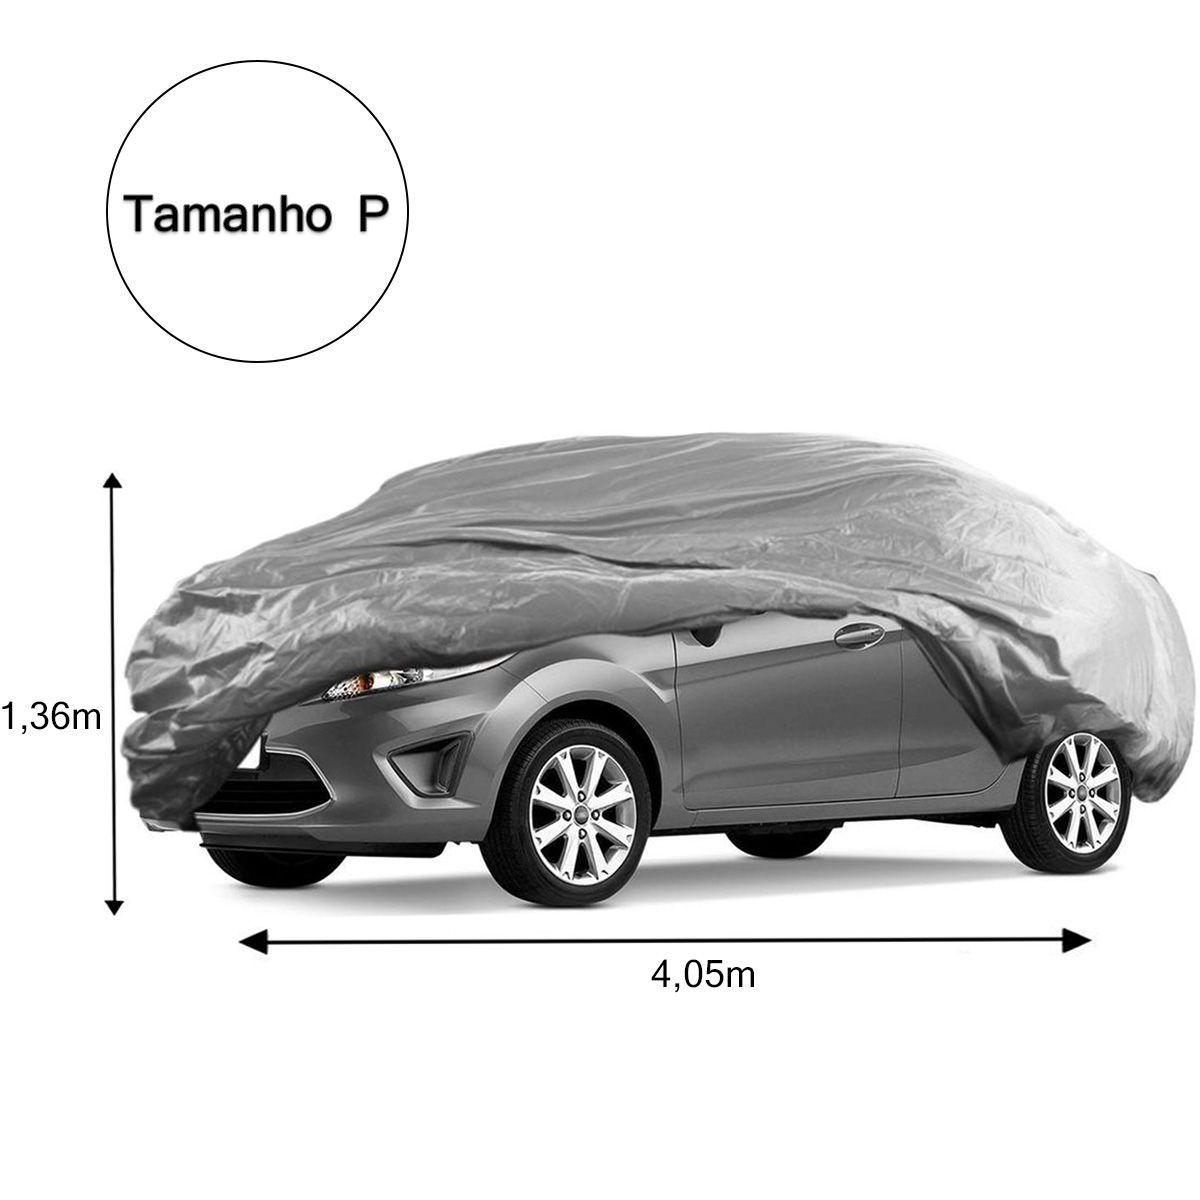 Capa De Cobrir Carro Pequena Gofrada Forrada Impermavel